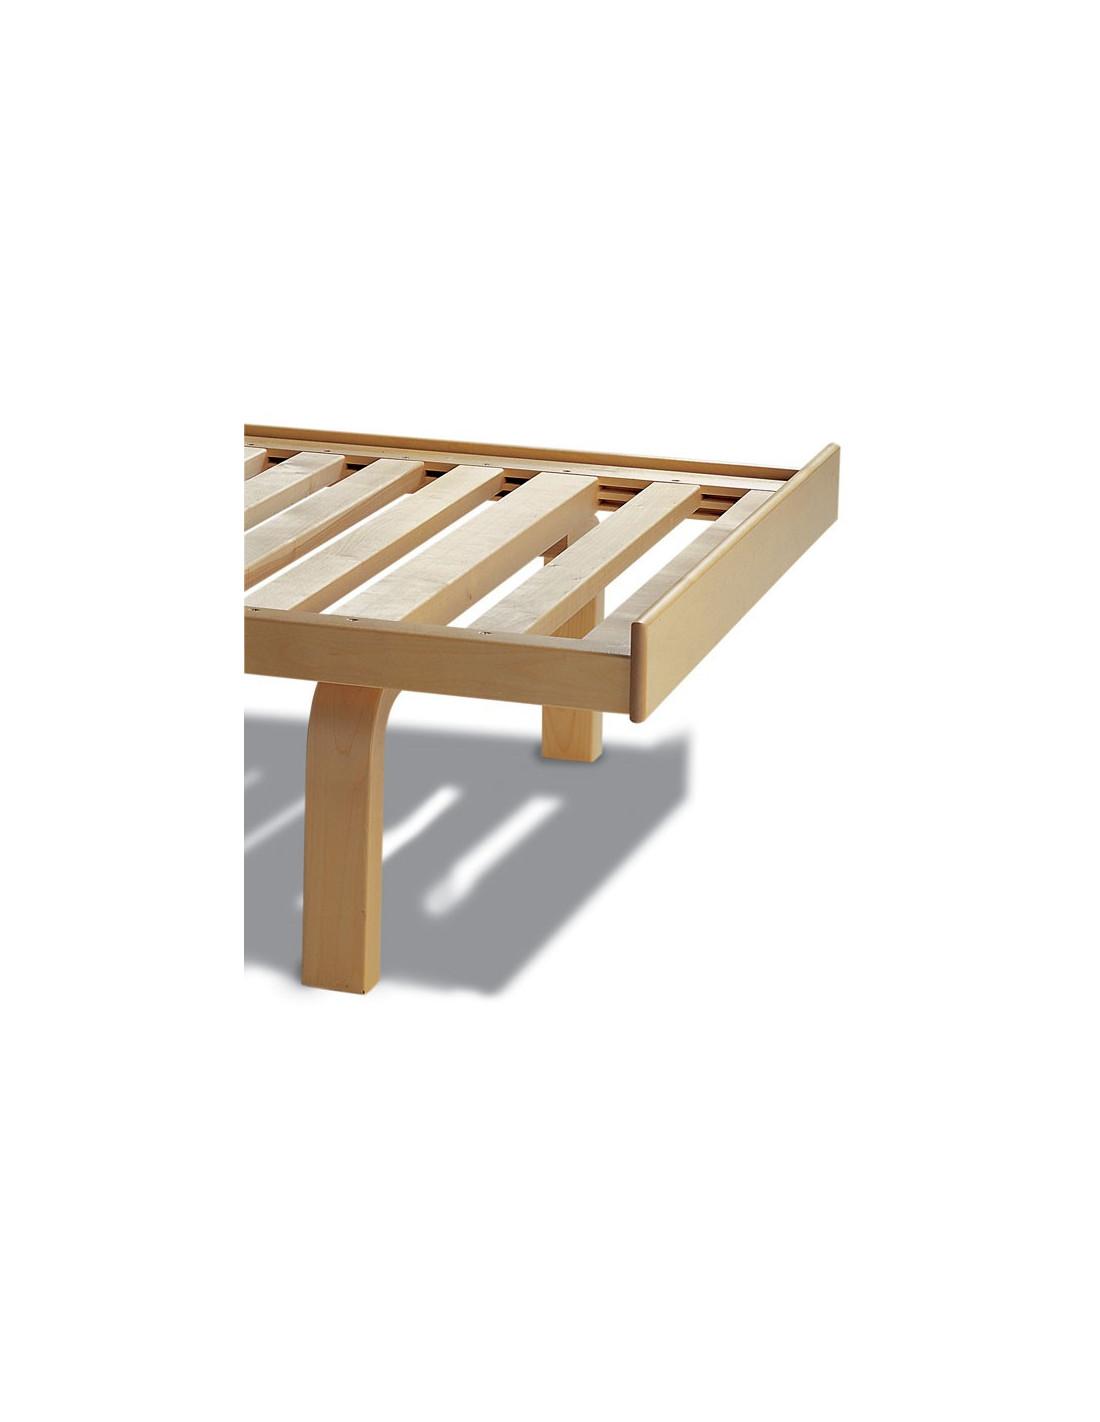 lit de jour 710 design alvar aalto pour artek la. Black Bedroom Furniture Sets. Home Design Ideas